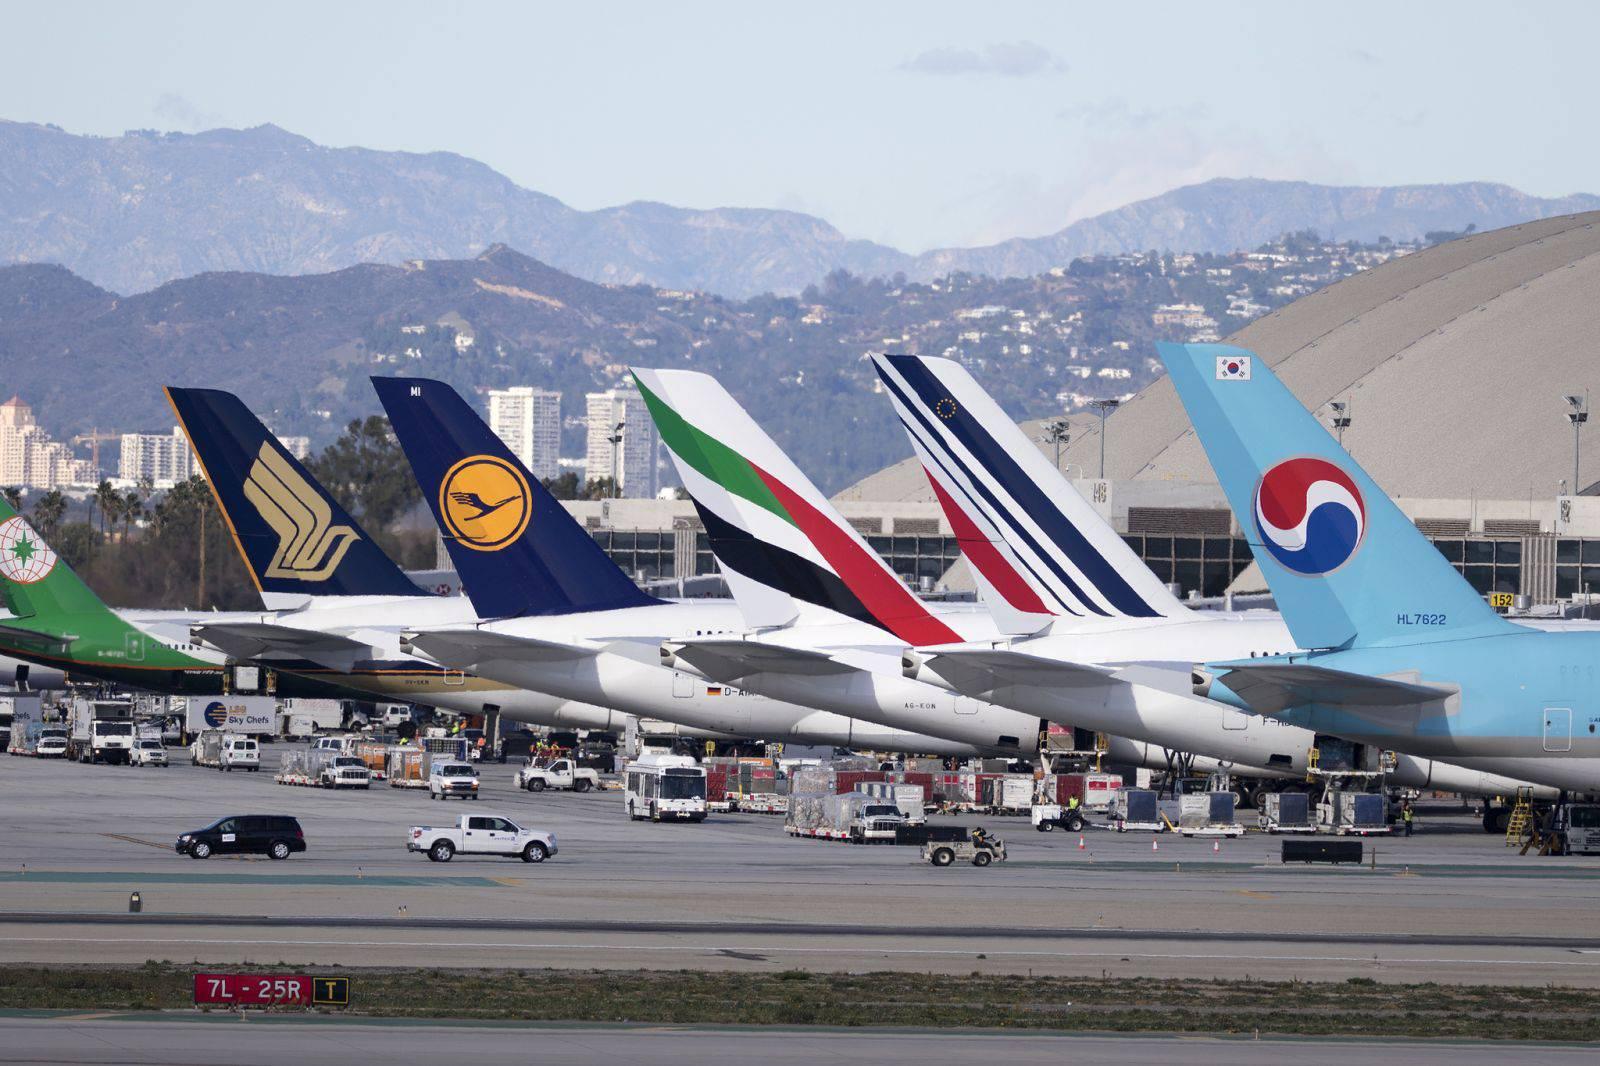 Nên đặt vé máy bay đi Los Angeles ở hãng hay đại lý?